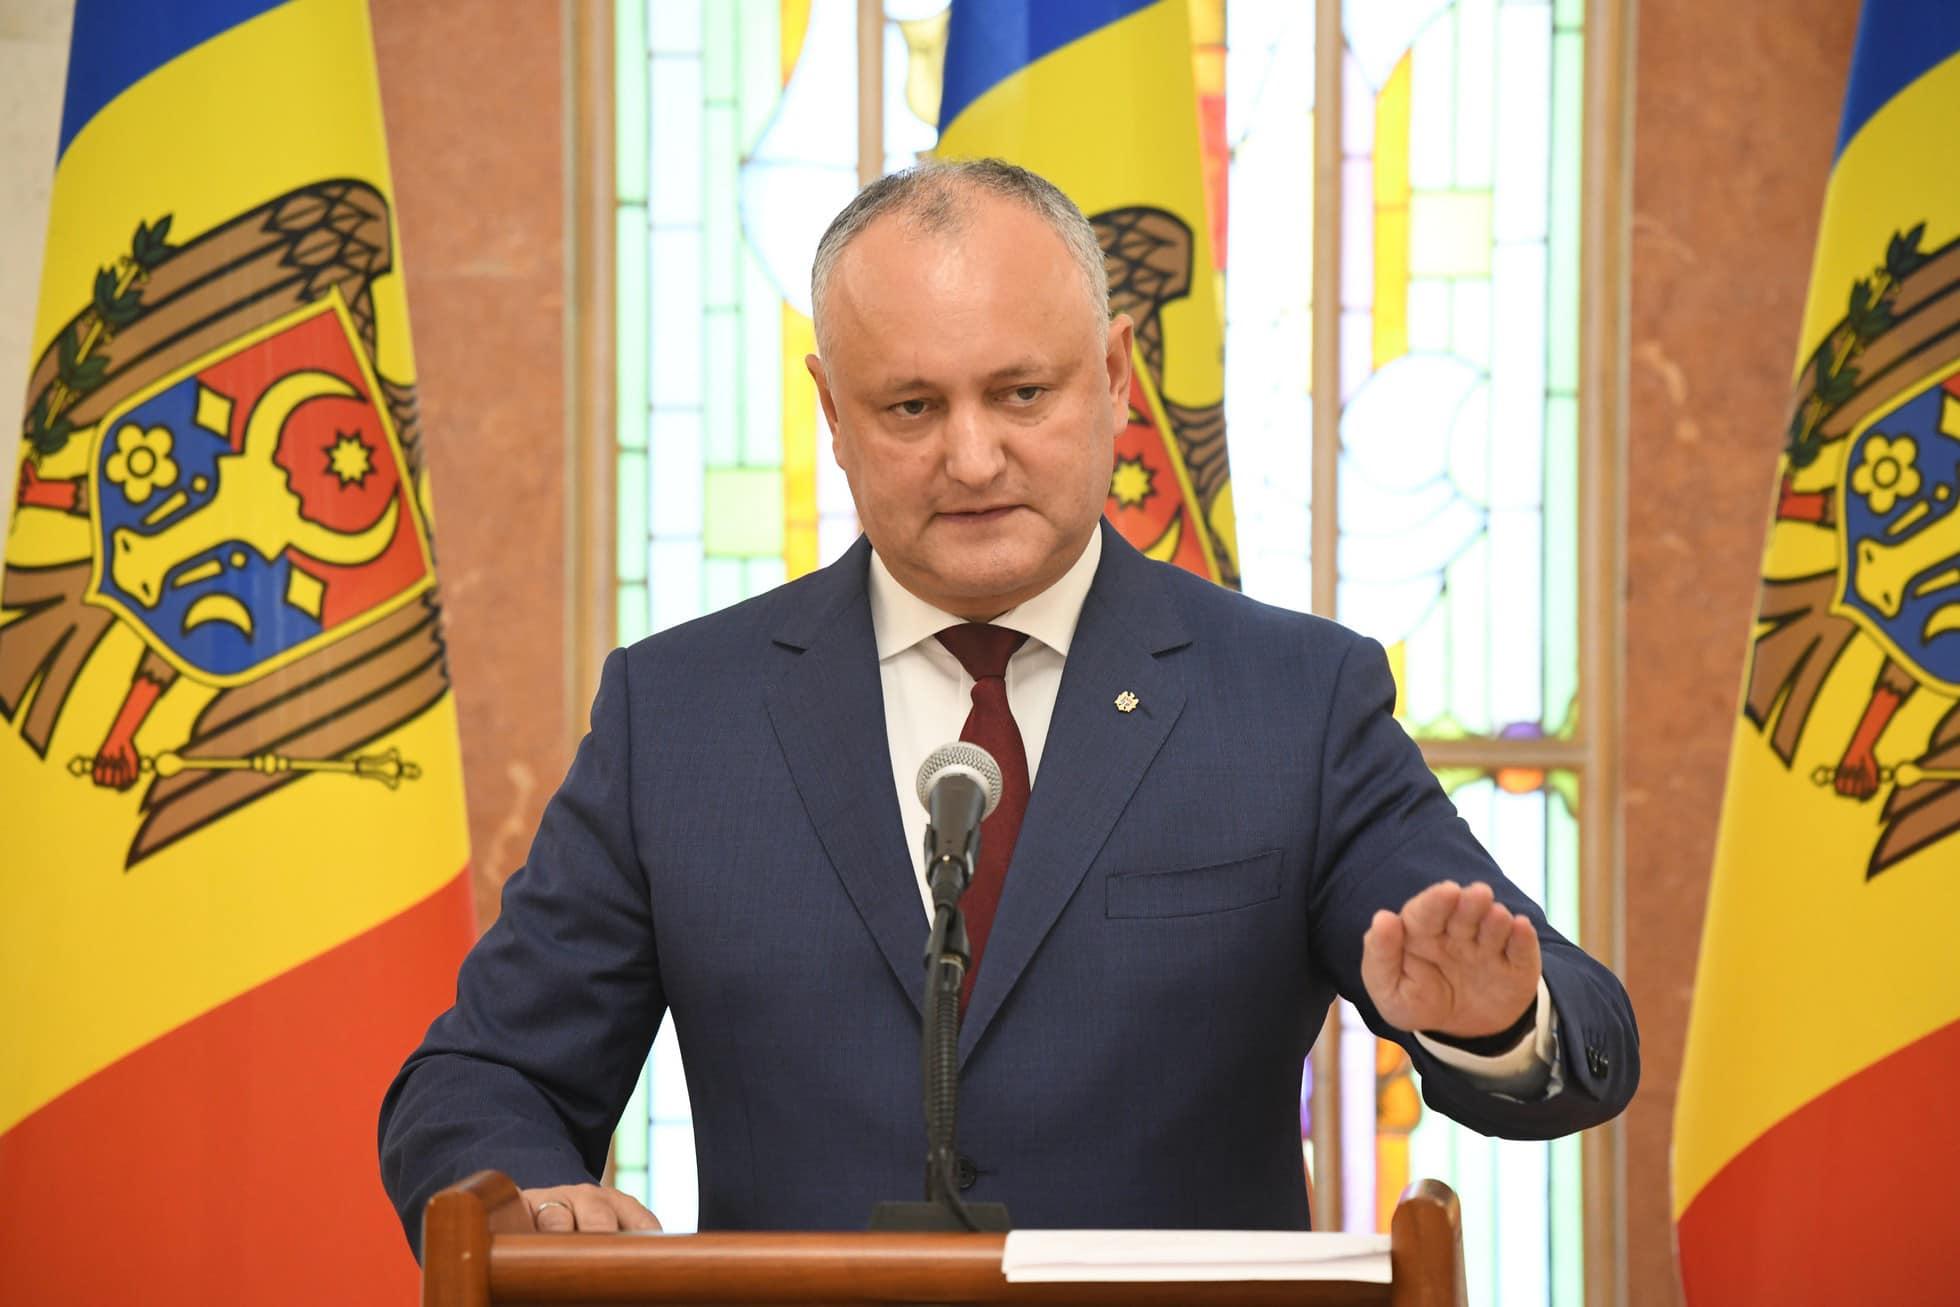 Более 50% граждан намерены голосовать на президентских выборах за Игоря Додона